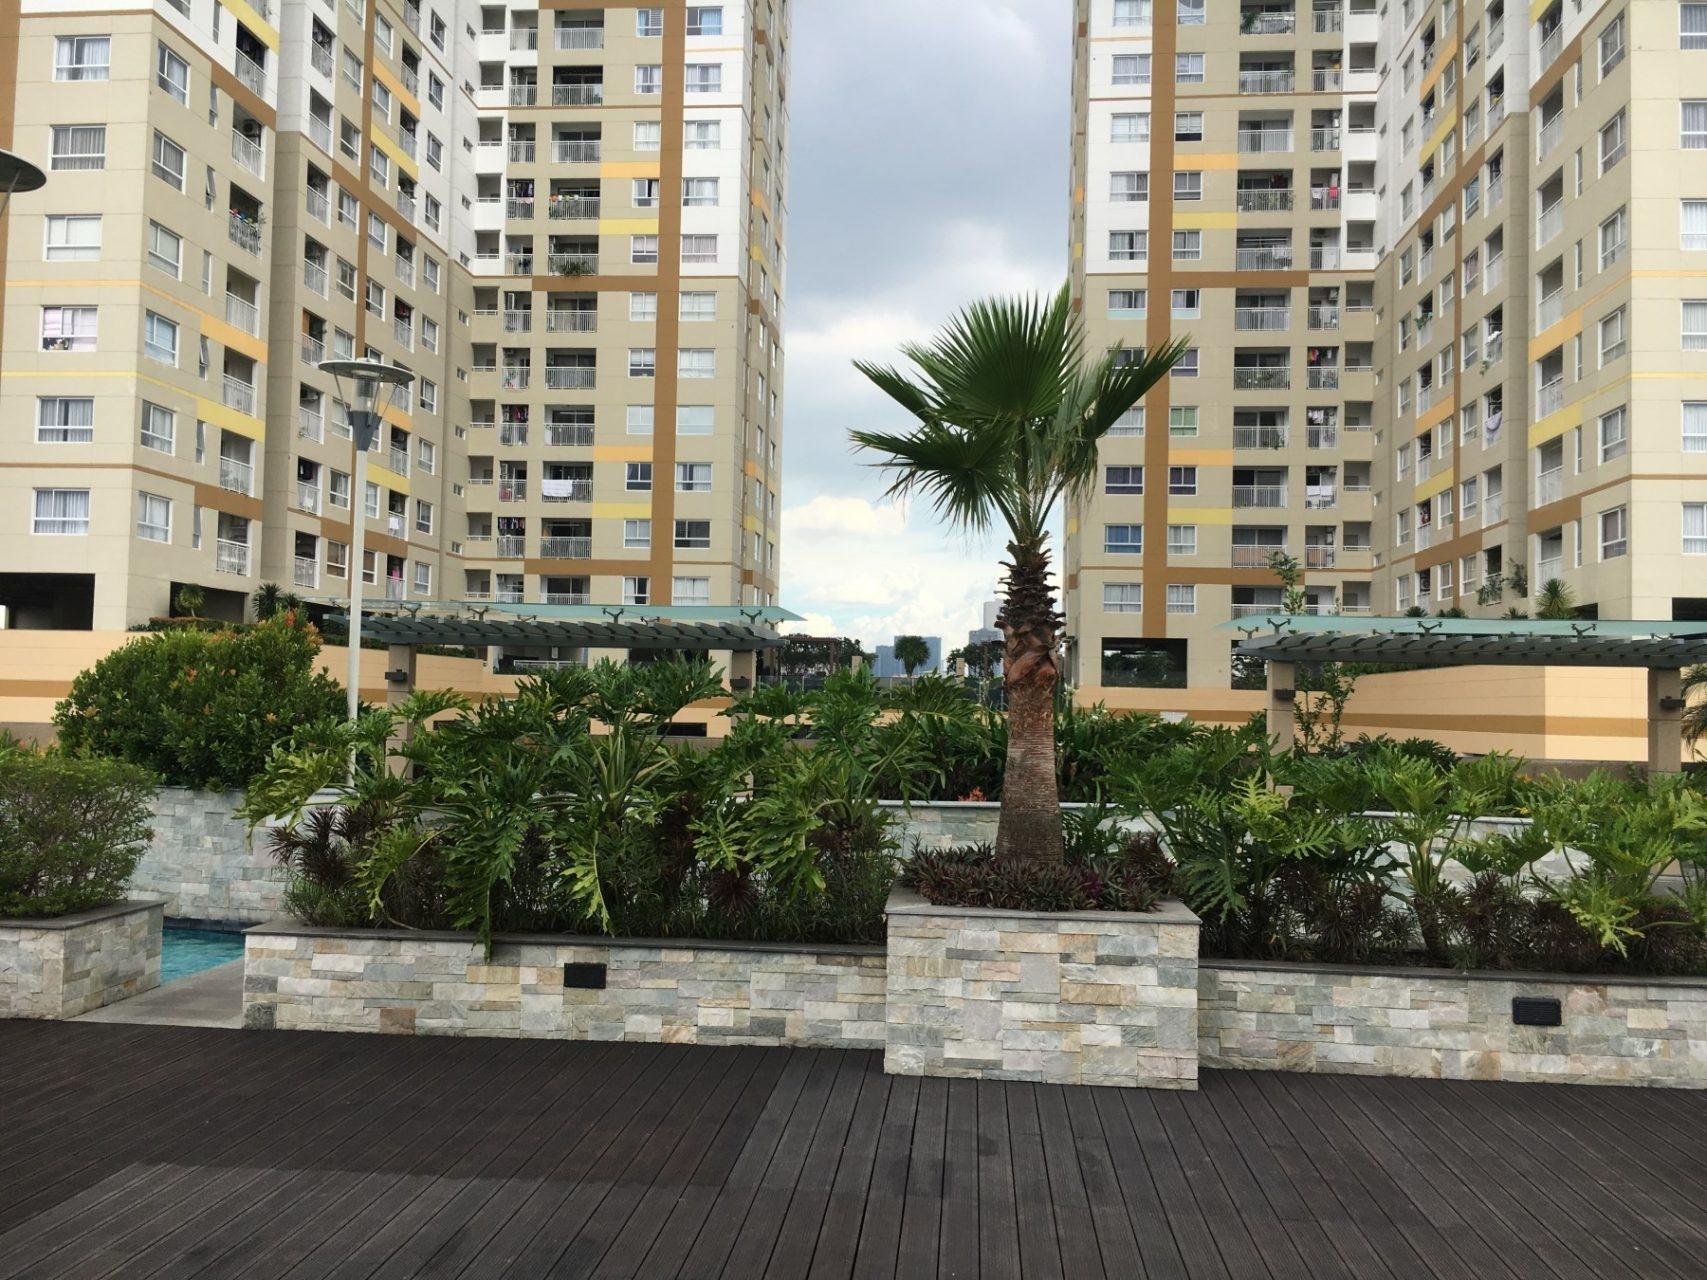 https://saos.vn/Uploads/t/tr/tropicgarden-thaodien-apartment-hcmc-5_0019786.jpeg